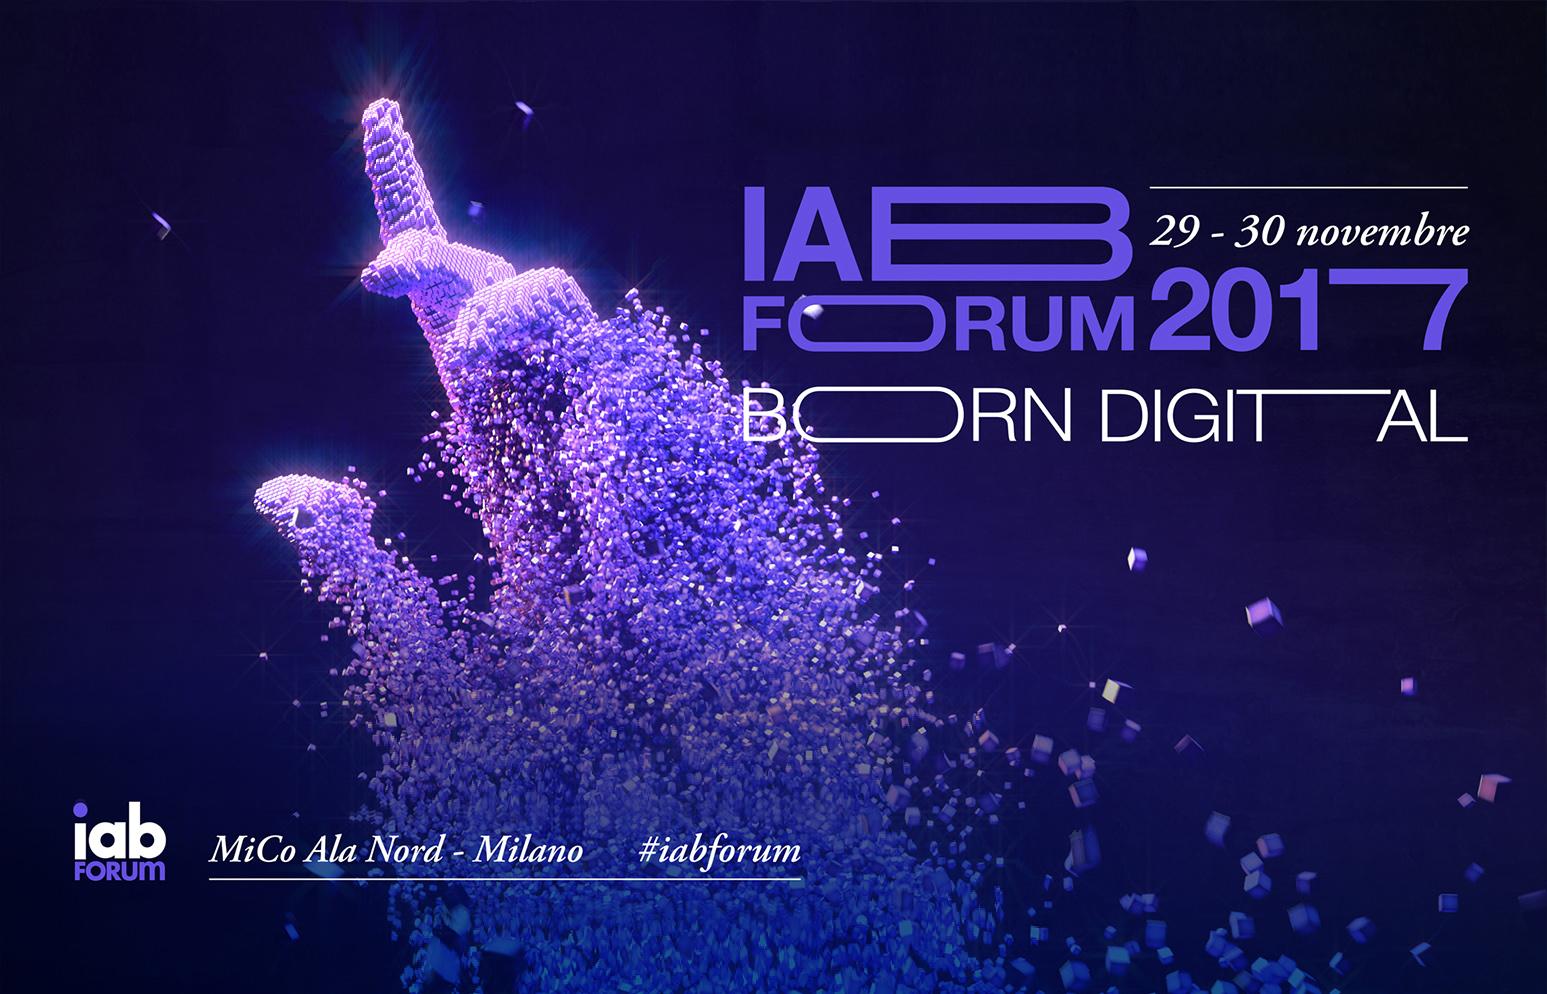 Locandina evento IAB Forum 2017